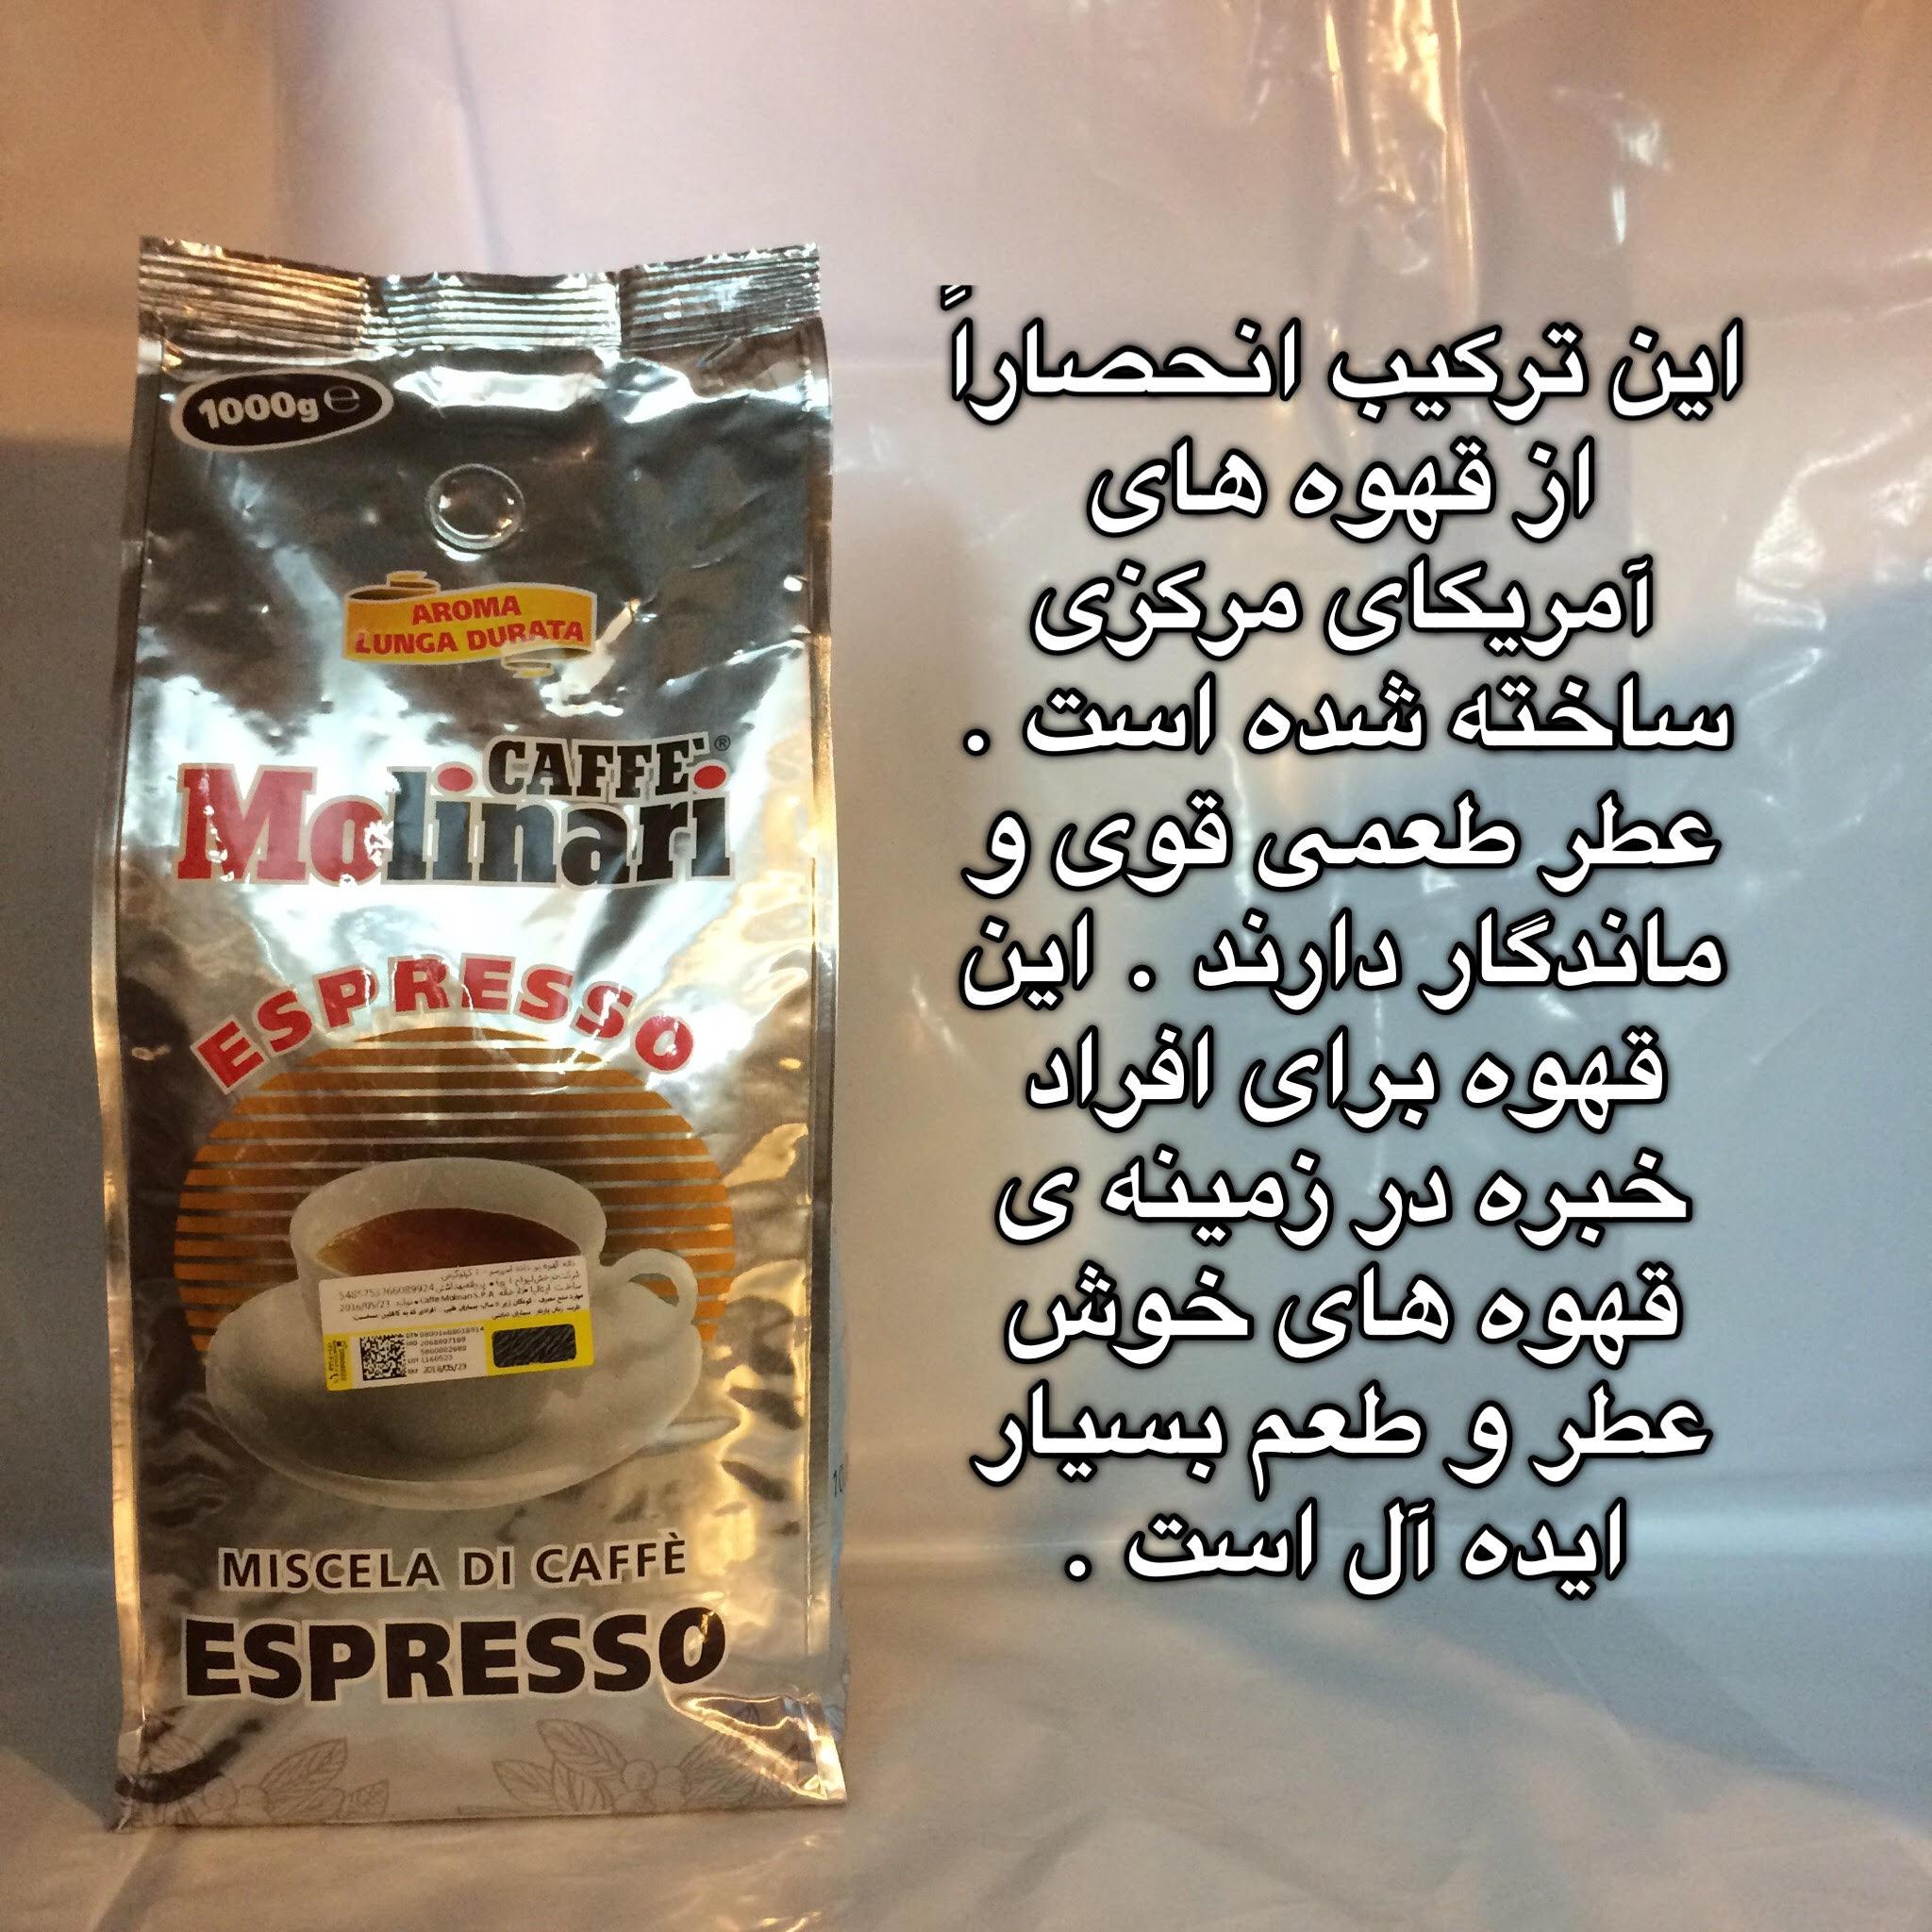 خرید عمده قهوه ایتالیایی برند معروف